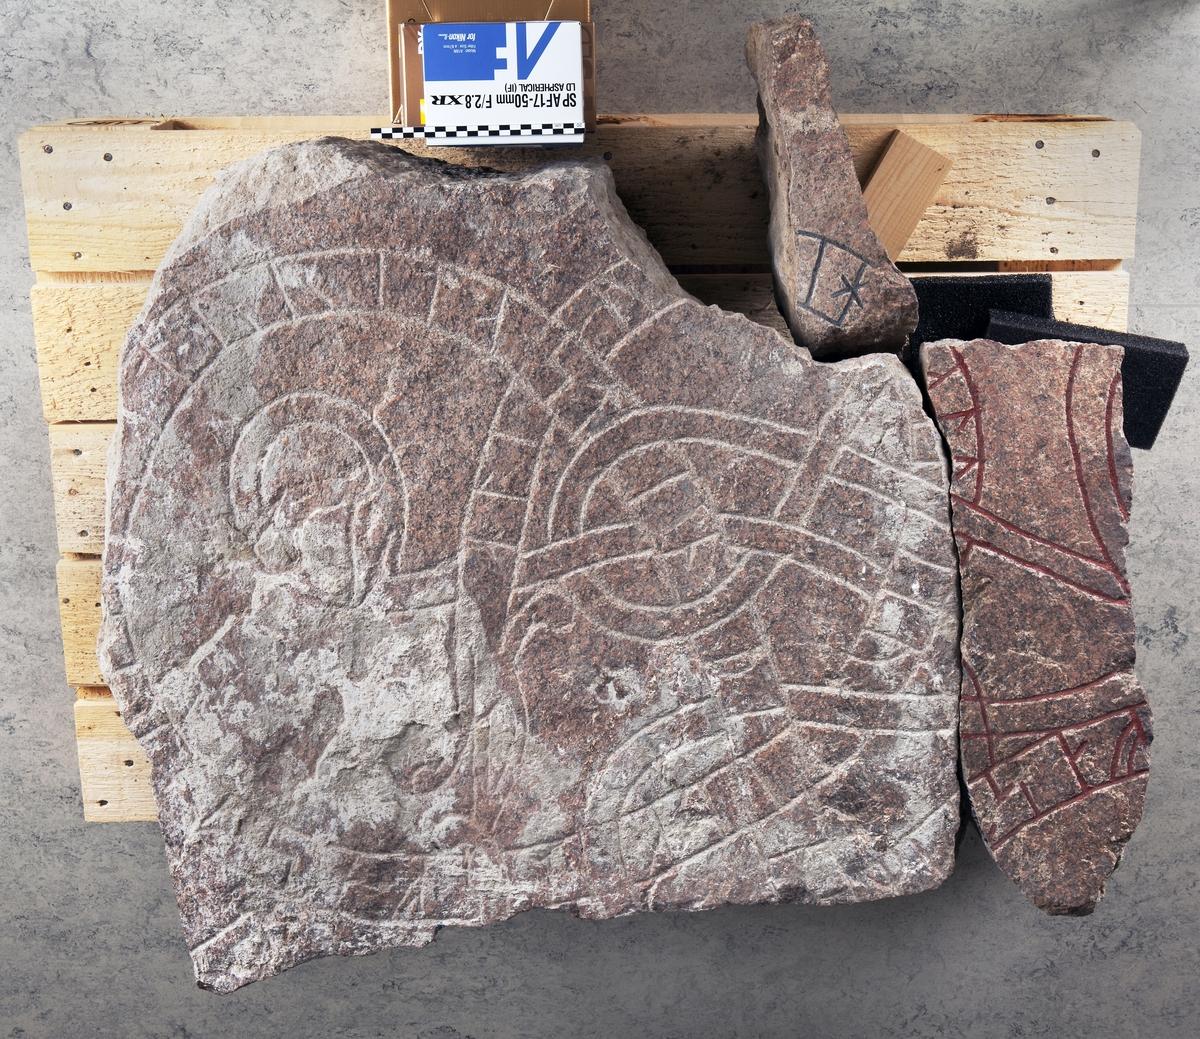 Fyra fragment av runsten U941 tillvaratagna i Franciskanklostrets område, kvarteret Torget, Uppsala